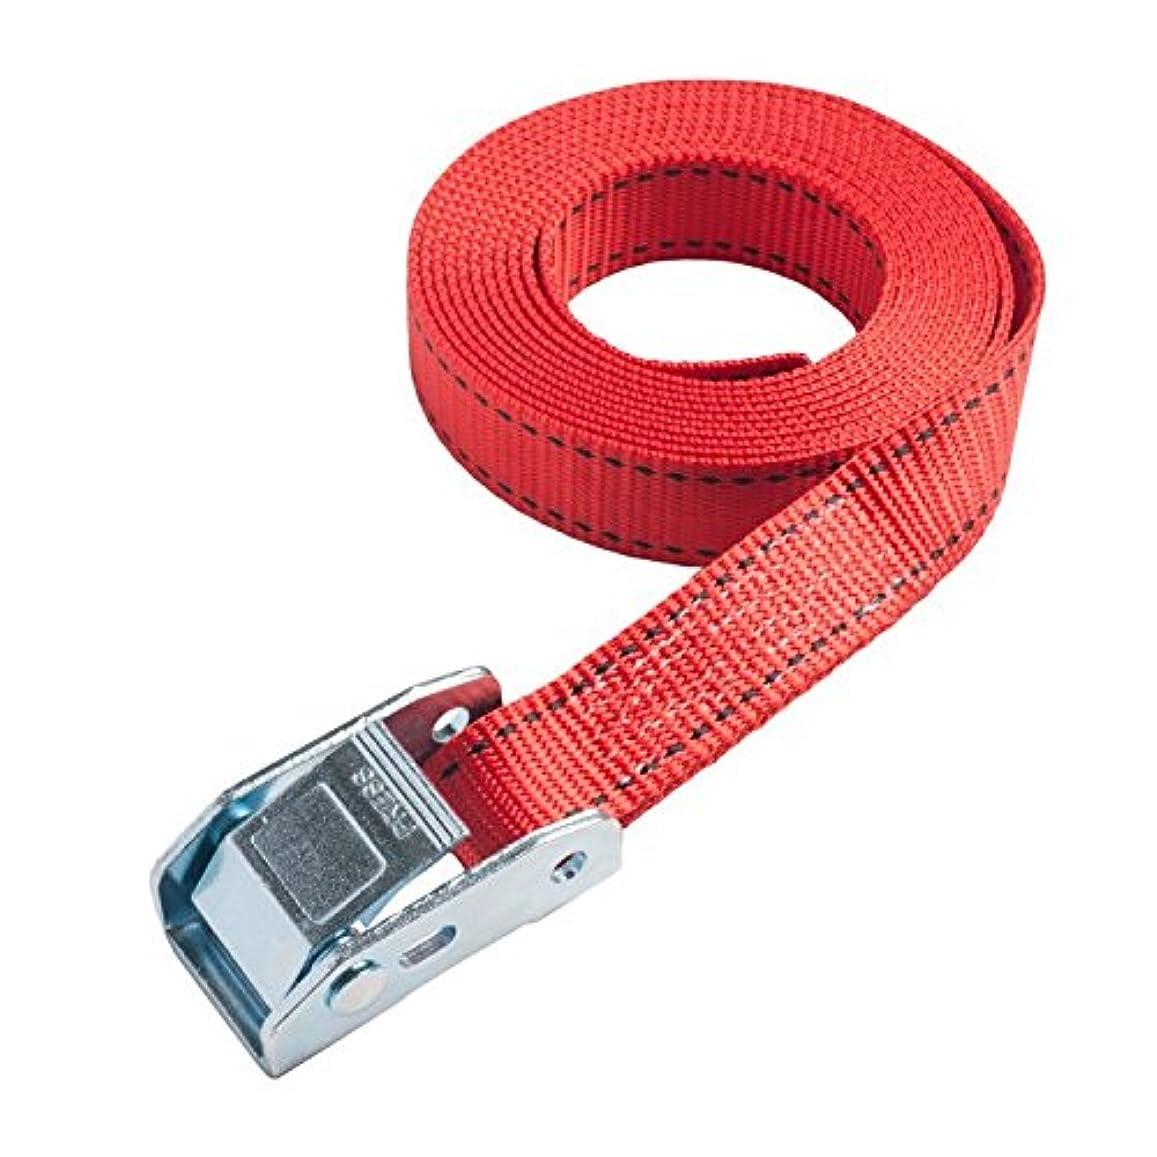 検証通行人古くなった25mm幅 カムバックルベルト エンドレスタイプ 1.5m 赤